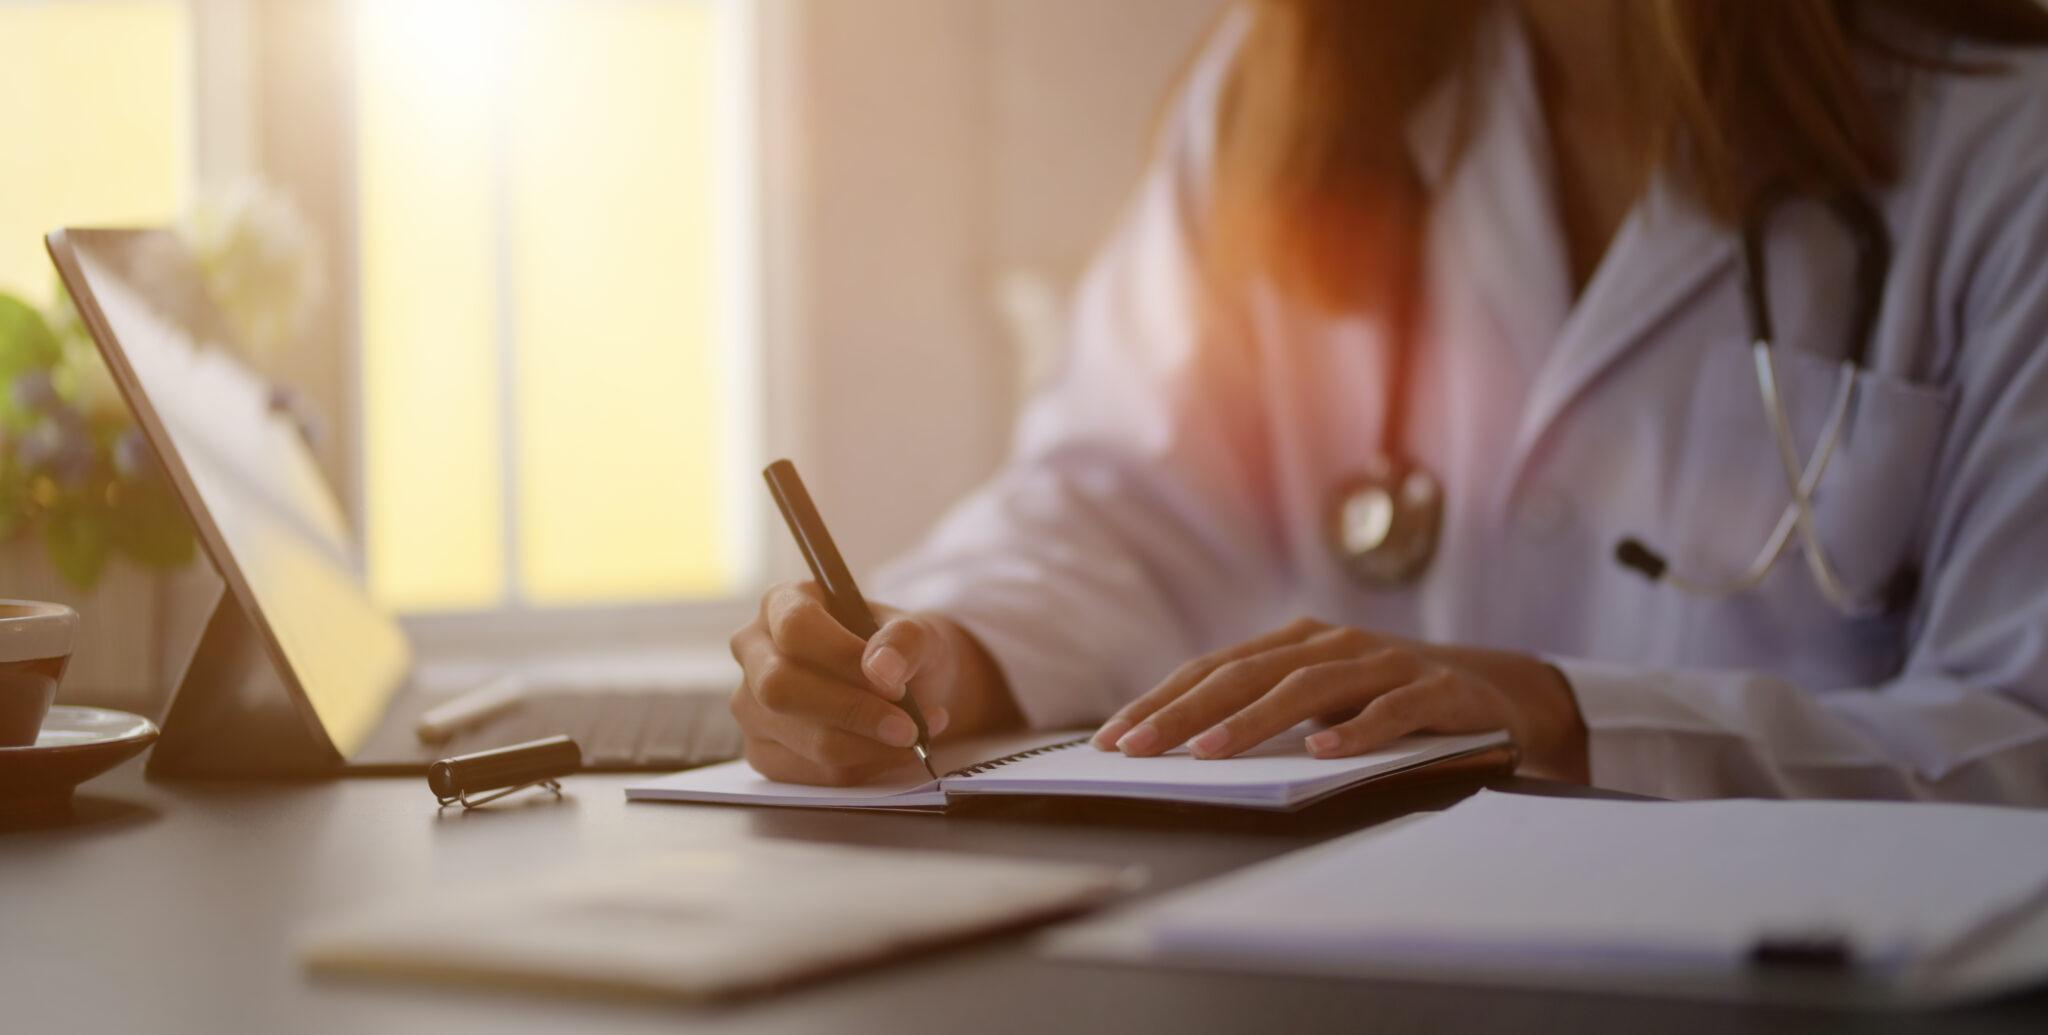 Todos os aposentados e demitidos têm direito a continuar no plano de saúde?